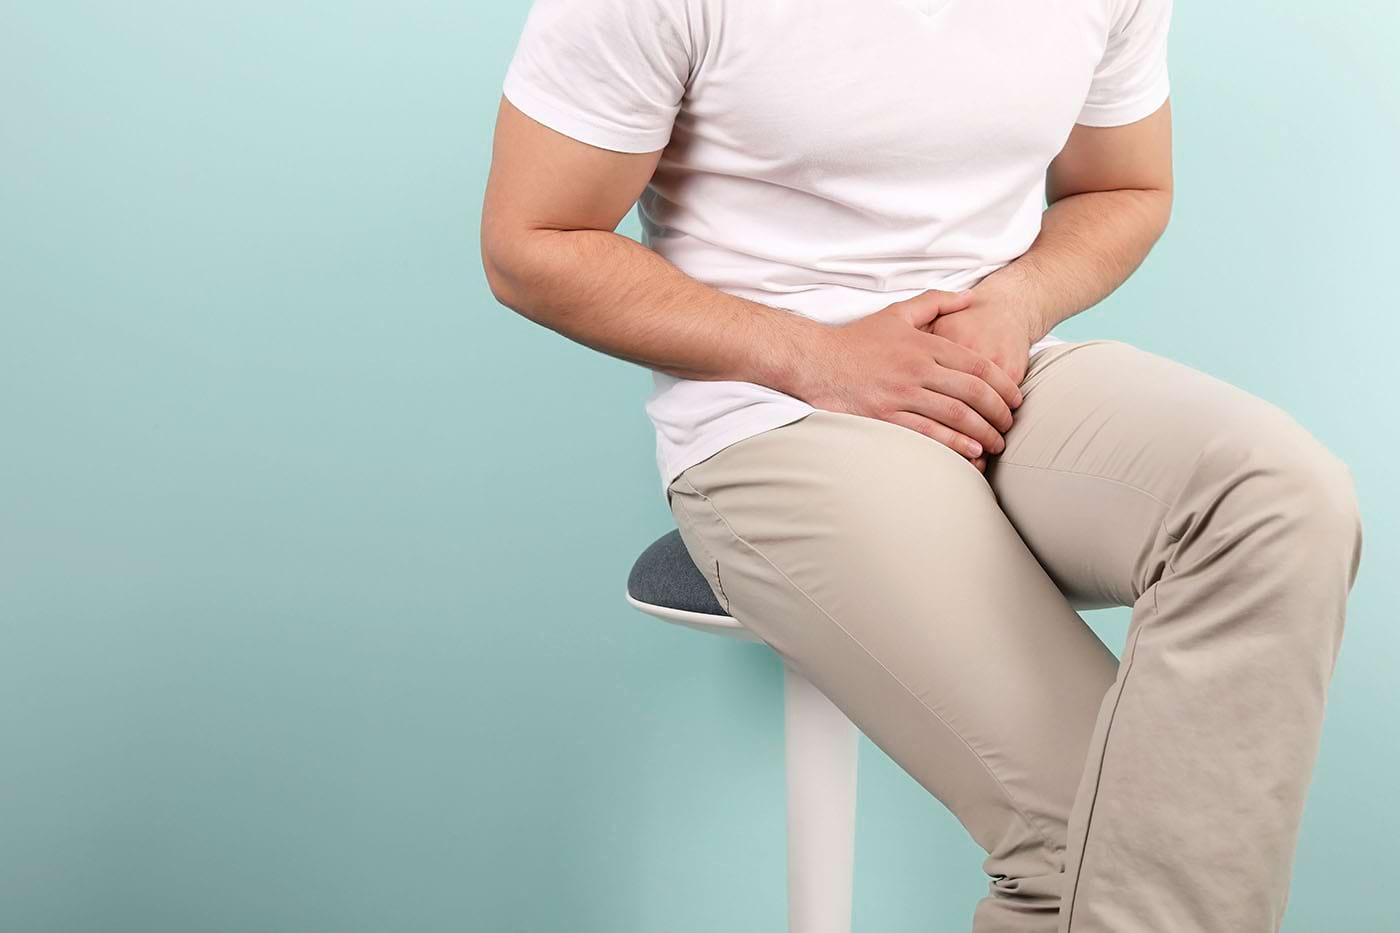 Bărbații necircumciși - la ce riscuri se expun?